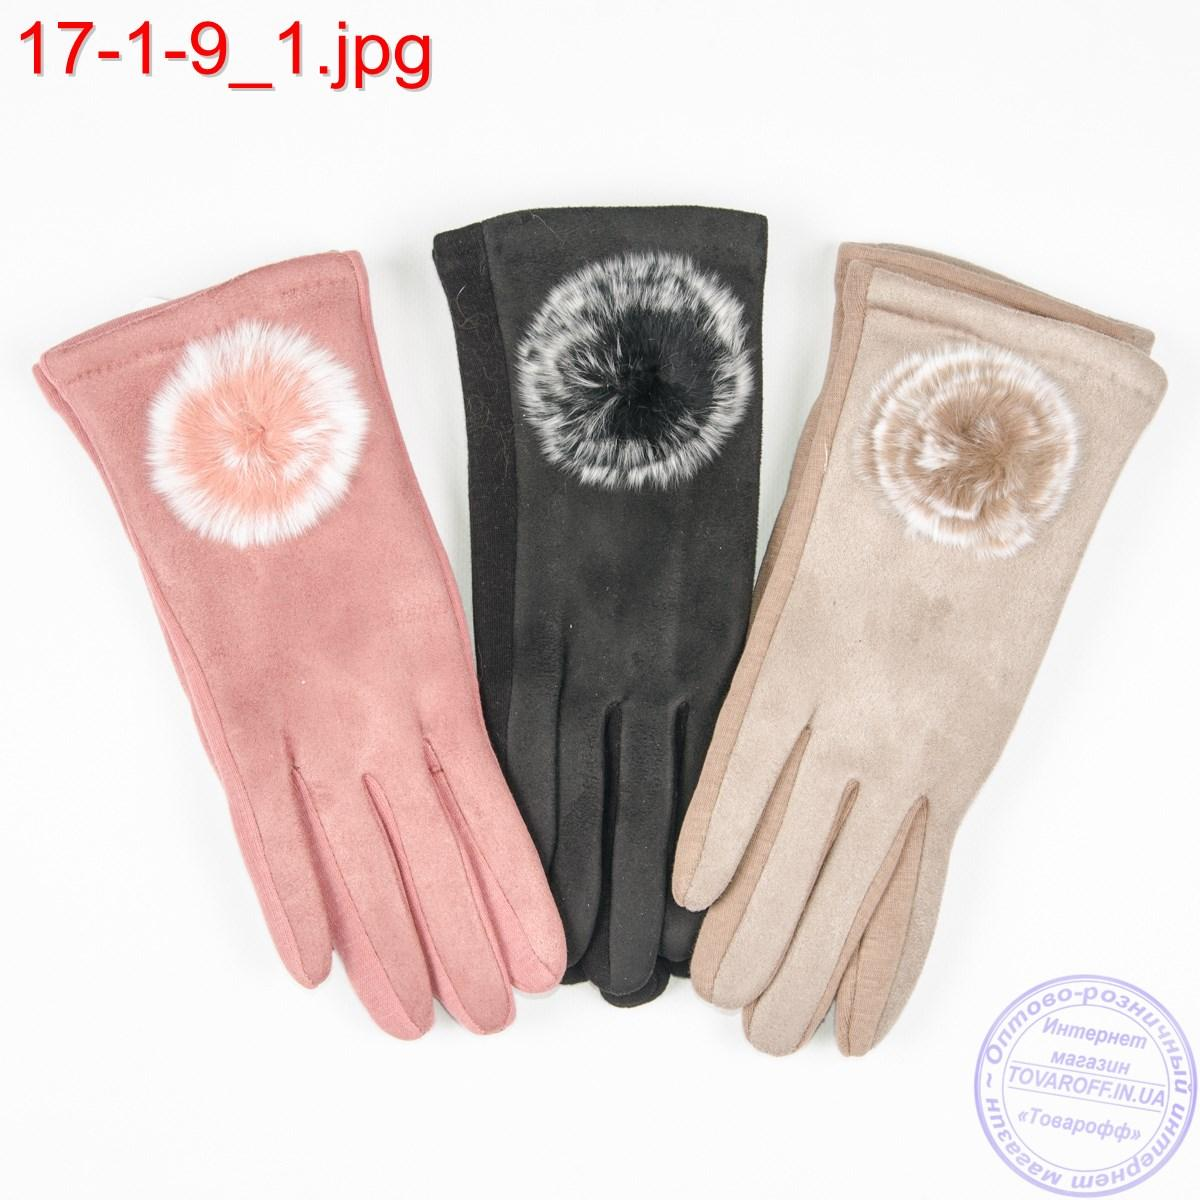 Оптом женские трикотажно-велюровые перчатки для сенсорных телефонов - №17-1-9